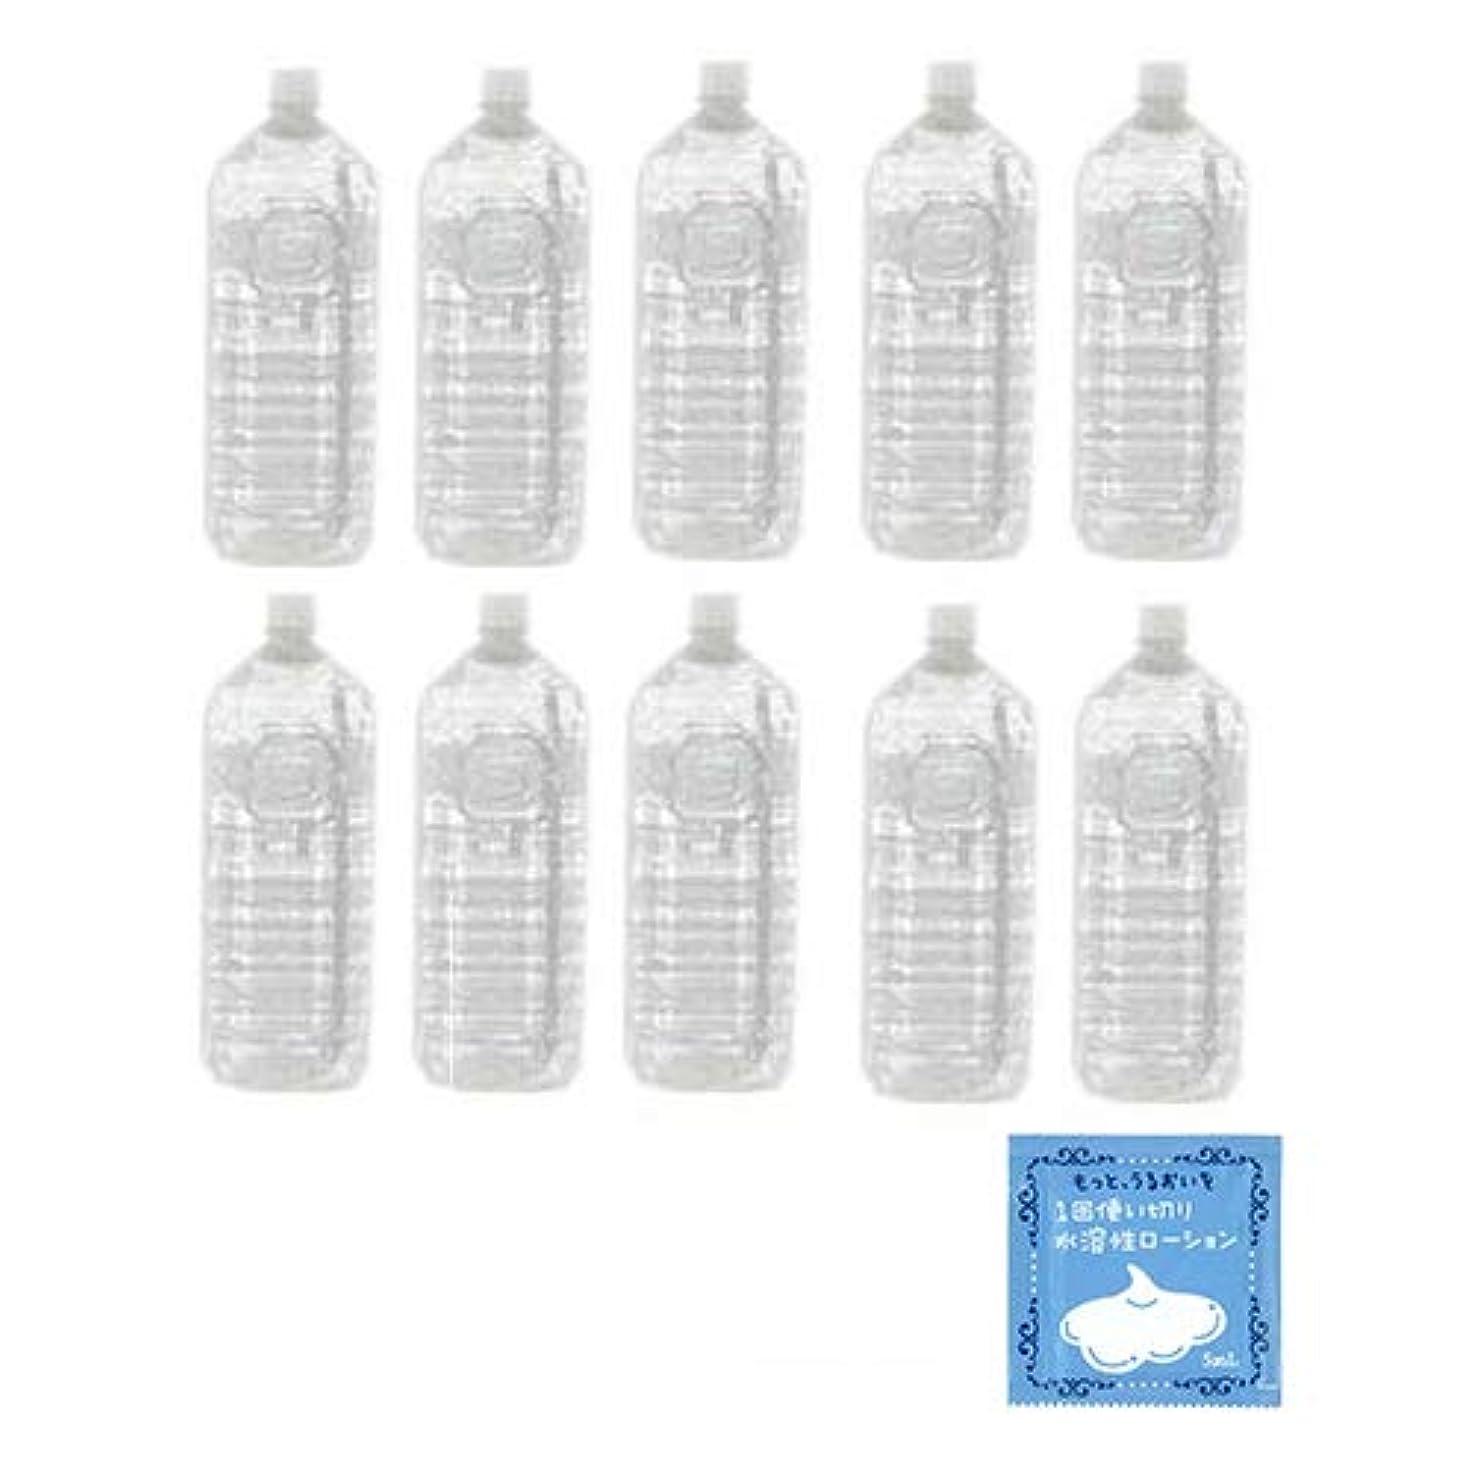 愚かバックグラウンド志すクリアローション 2Lペットボトル ハードタイプ(5倍濃縮原液) × 10本セット+ 1回使い切り水溶性潤滑ローション